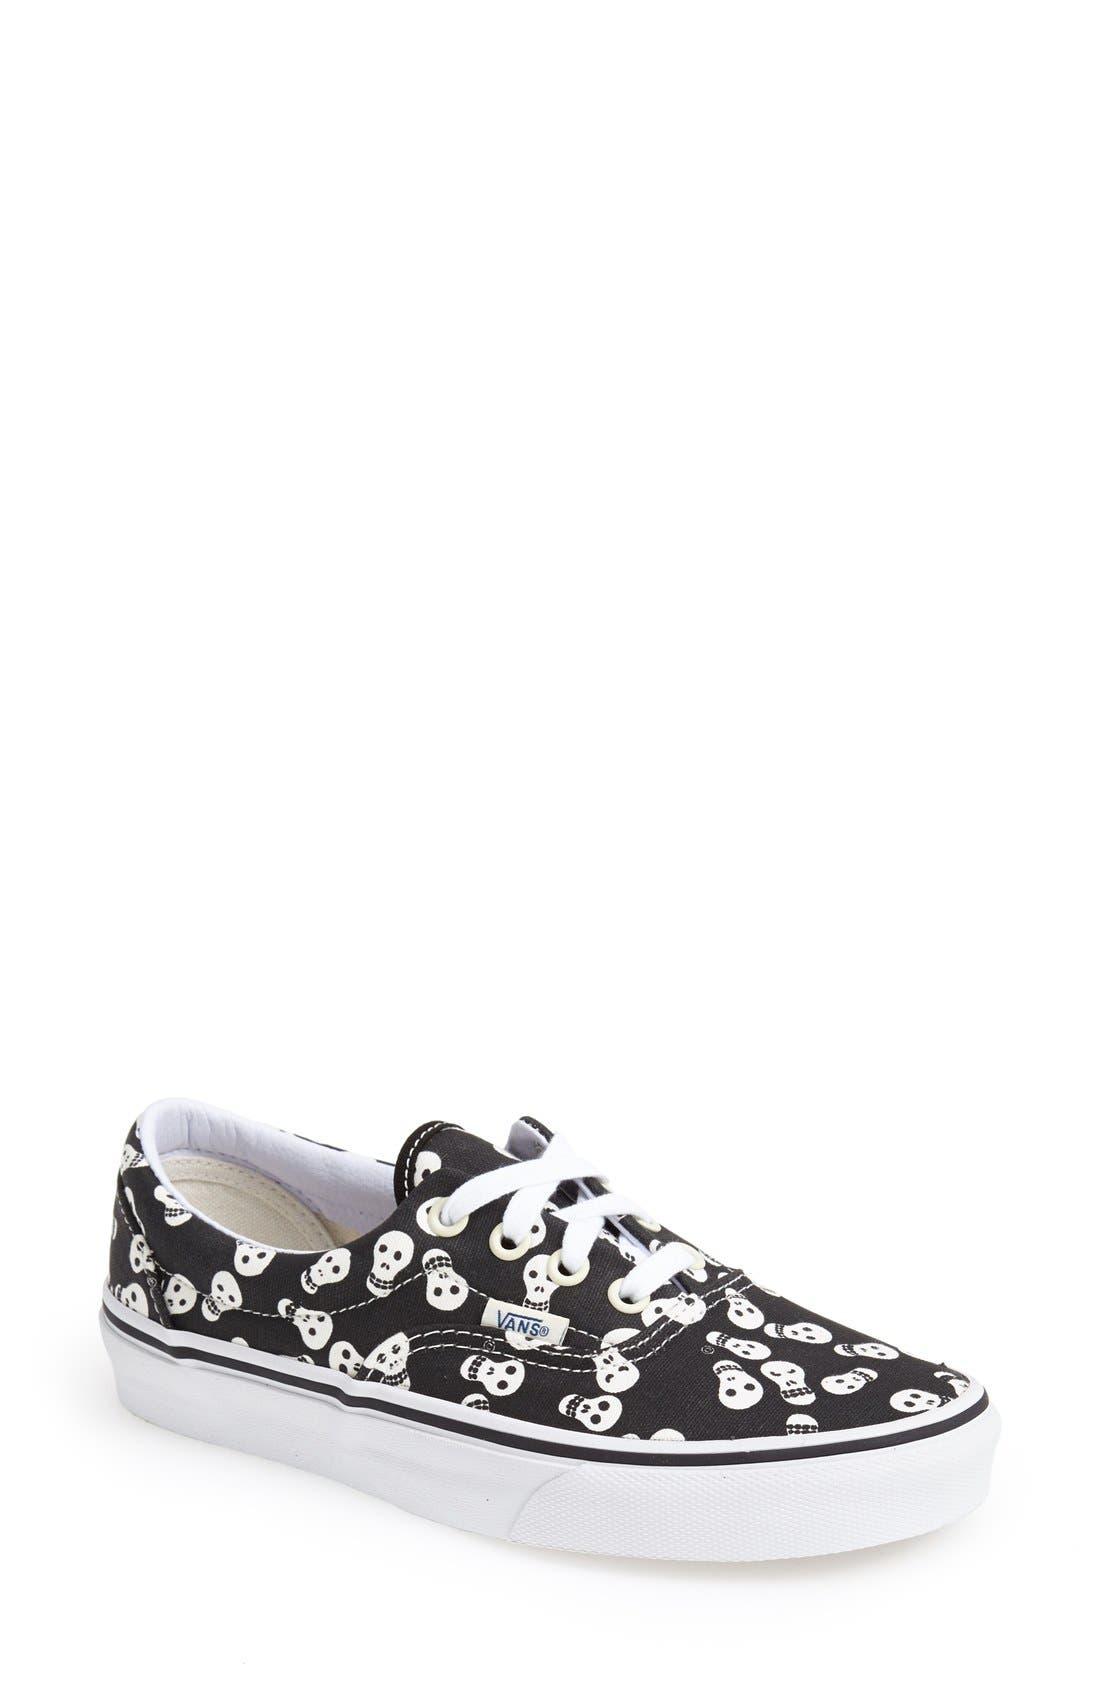 Main Image - Vans 'Era - Van Doren' Sneaker (Women)